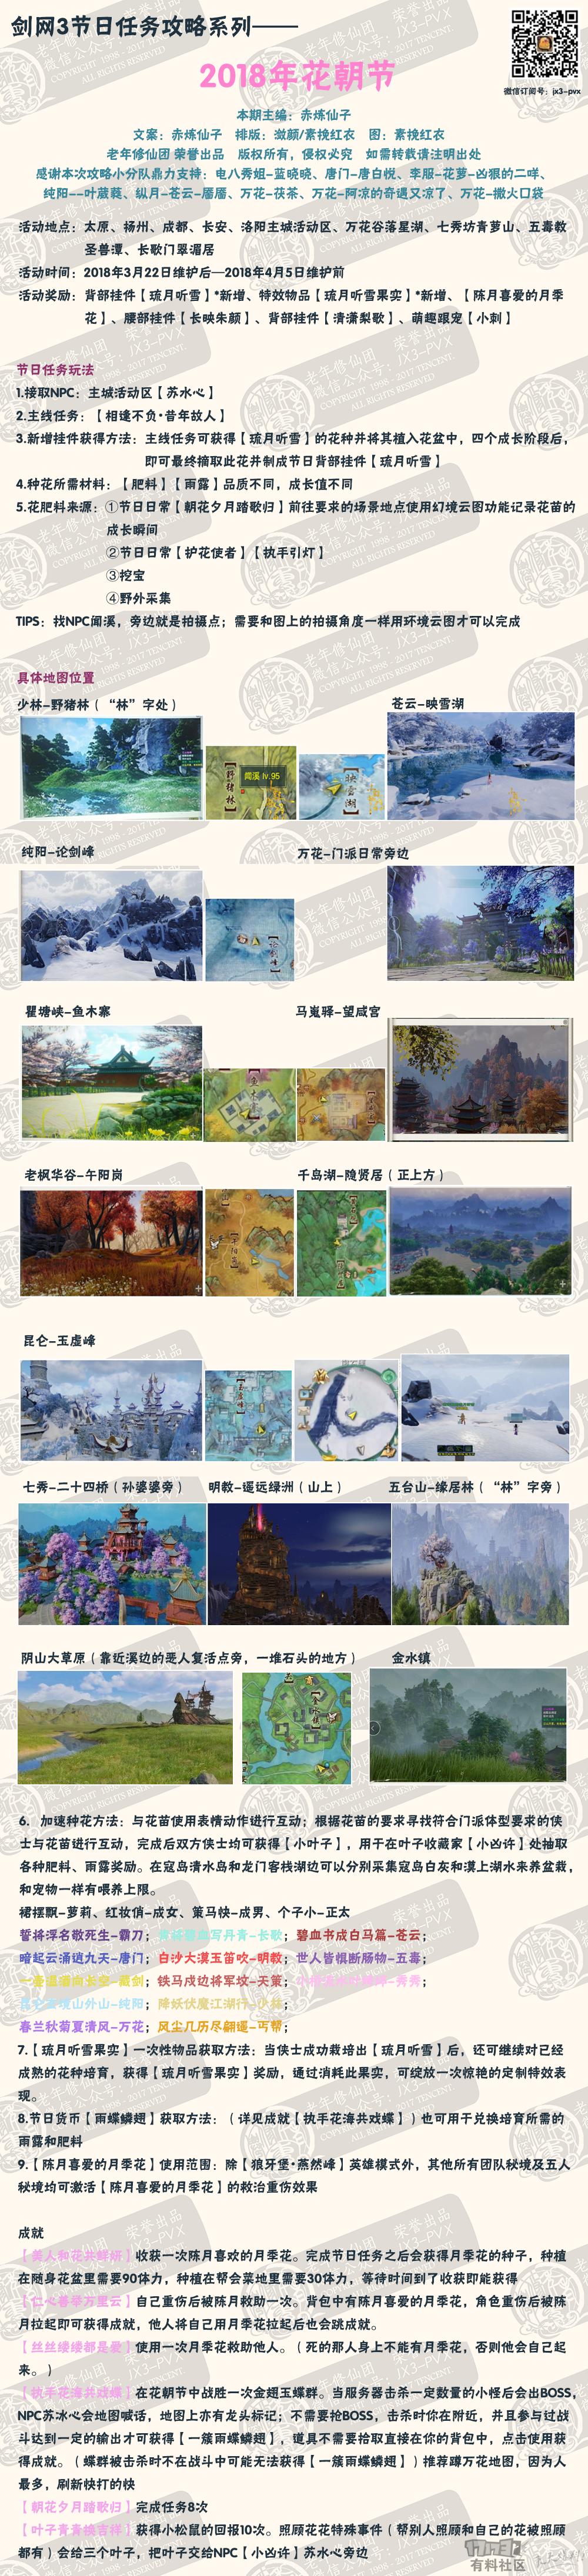 2018年花朝节(老年修仙团).png